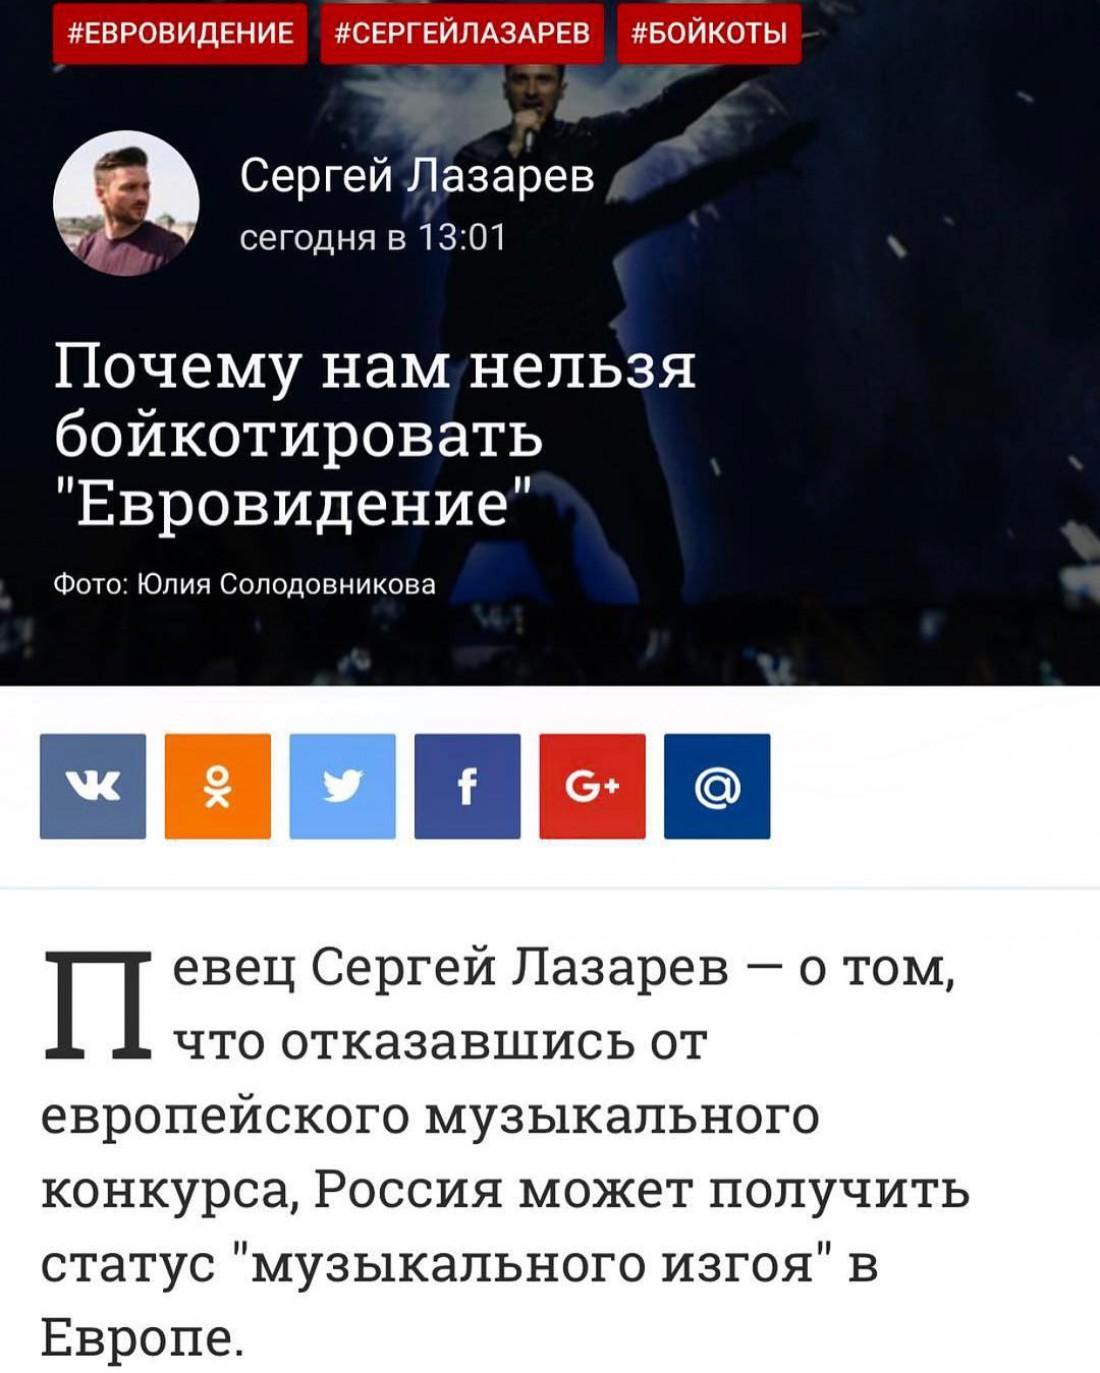 Евровидения 2017: фото Сергея Лазарева